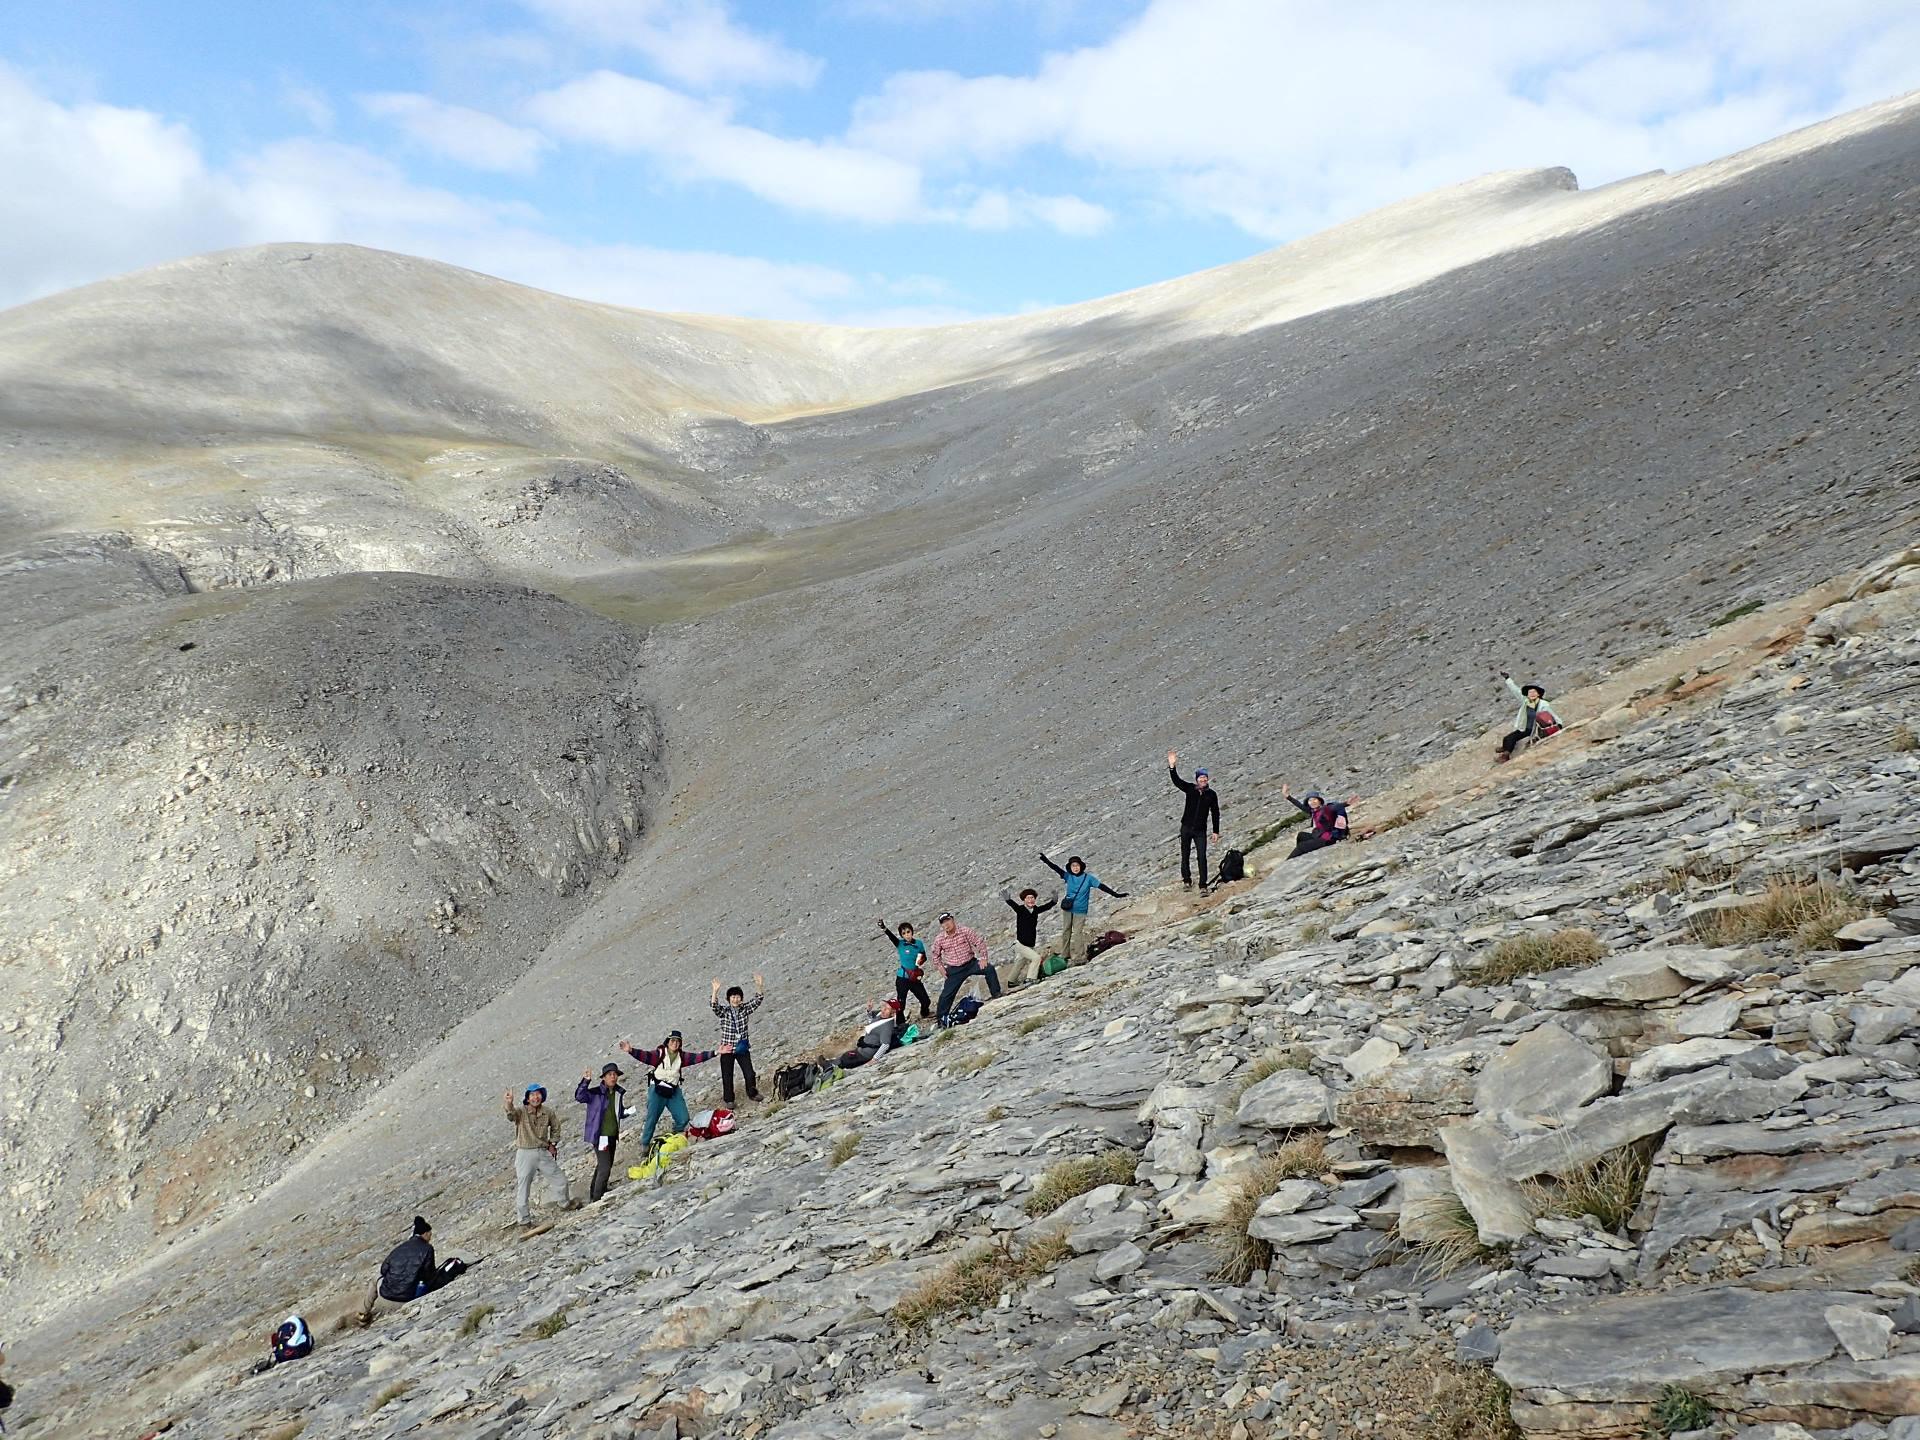 【催行決定・残席僅か】8月19日出発 ギリシャ最高峰オリンポス山登頂と世界遺産メテオラ、エーゲ海クルーズ 10日間